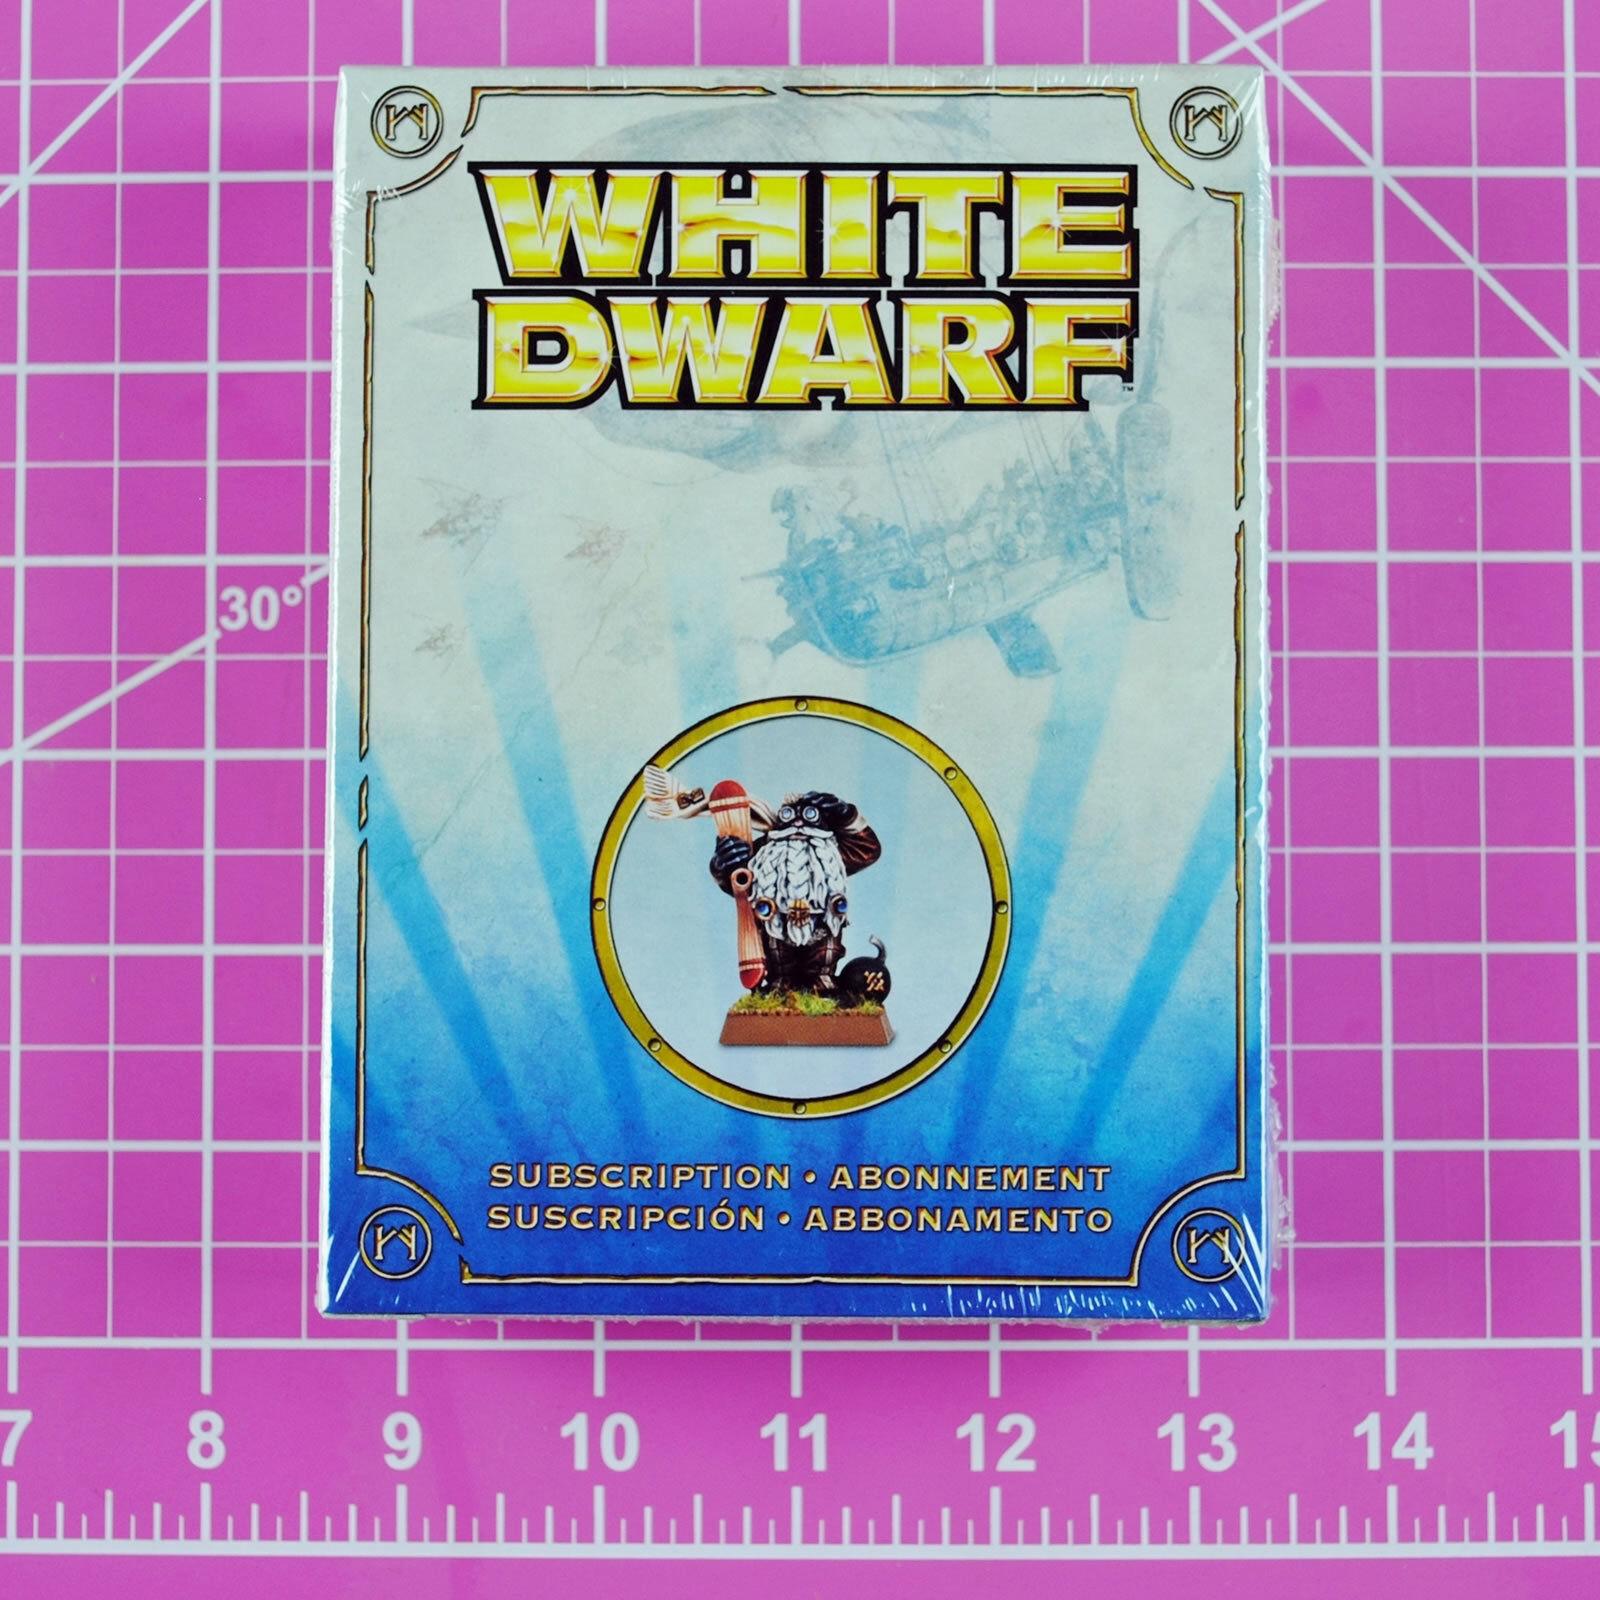 Weißer zwerg vorfahren eine himmelfahrt 2011 abo - modell, warhammer zitadelle selten